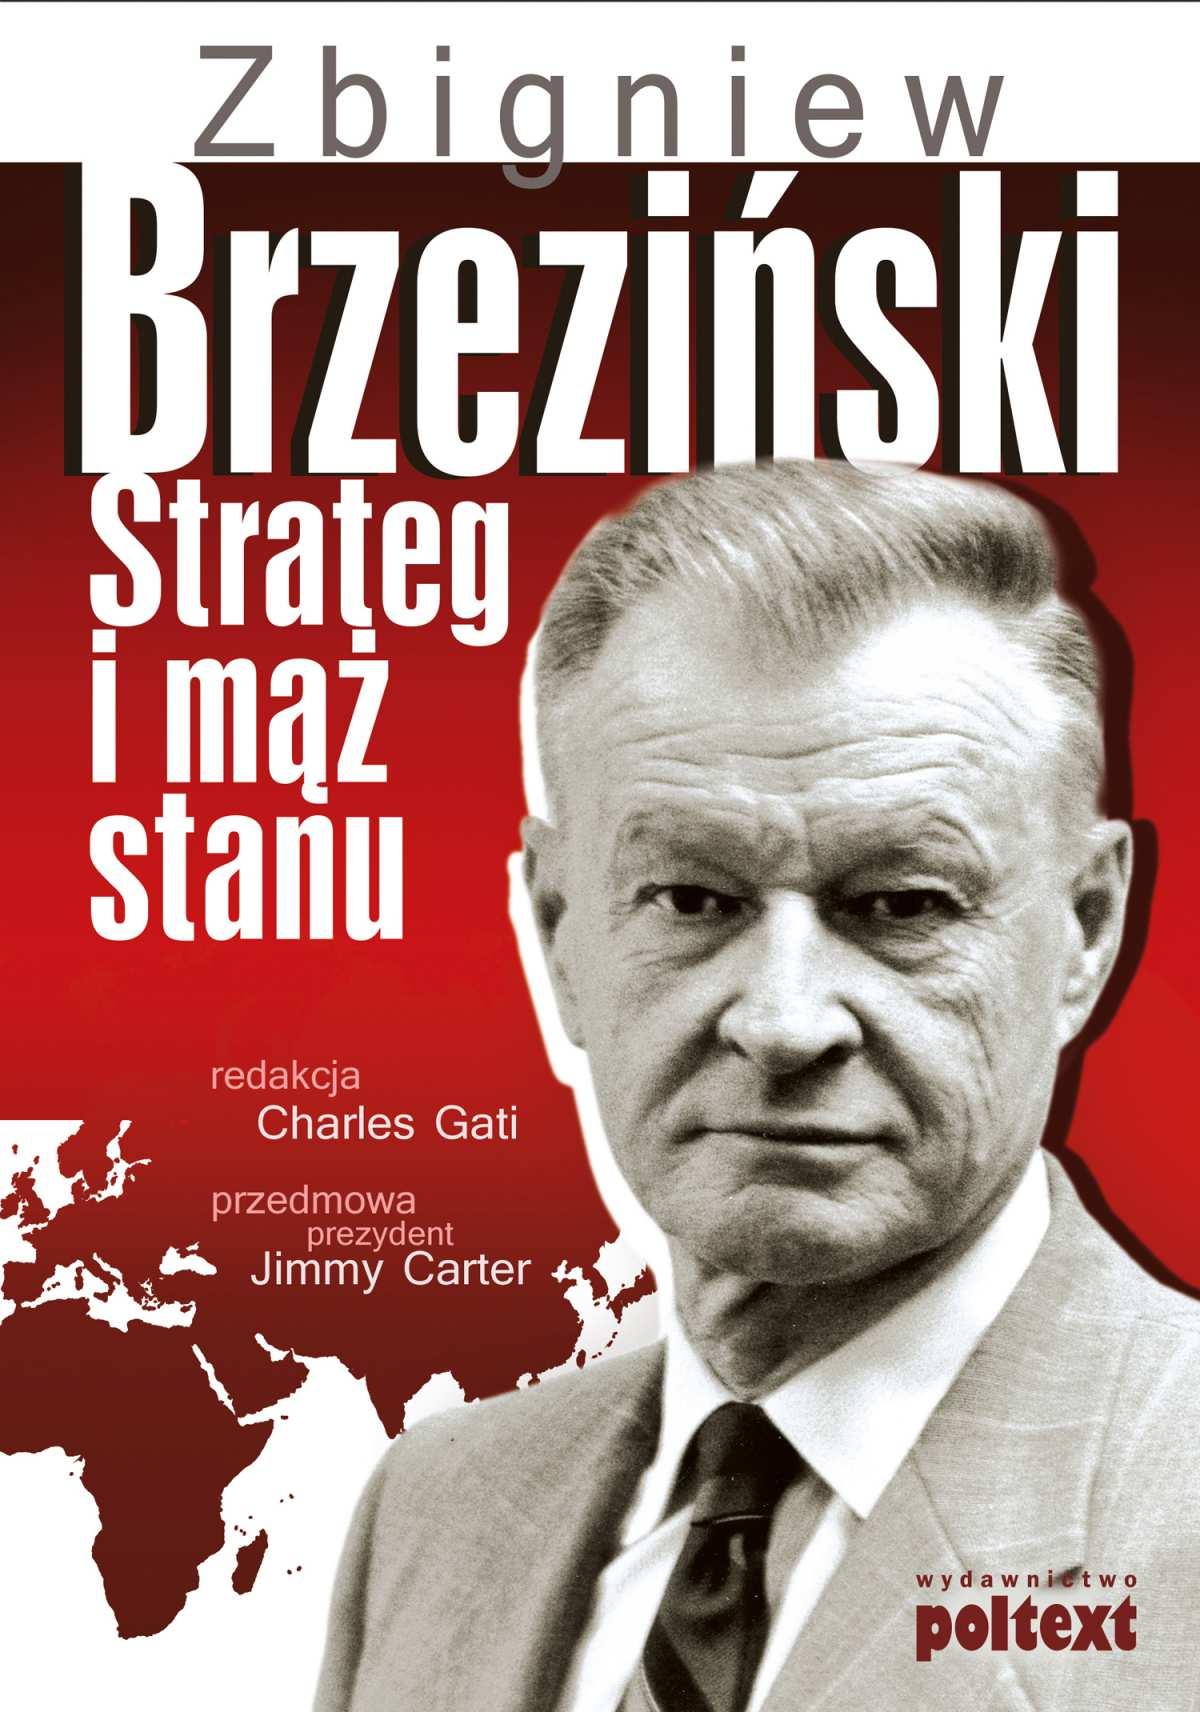 Zbigniew Brzeziński. Strateg i mąż stanu - Ebook (Książka PDF) do pobrania w formacie PDF